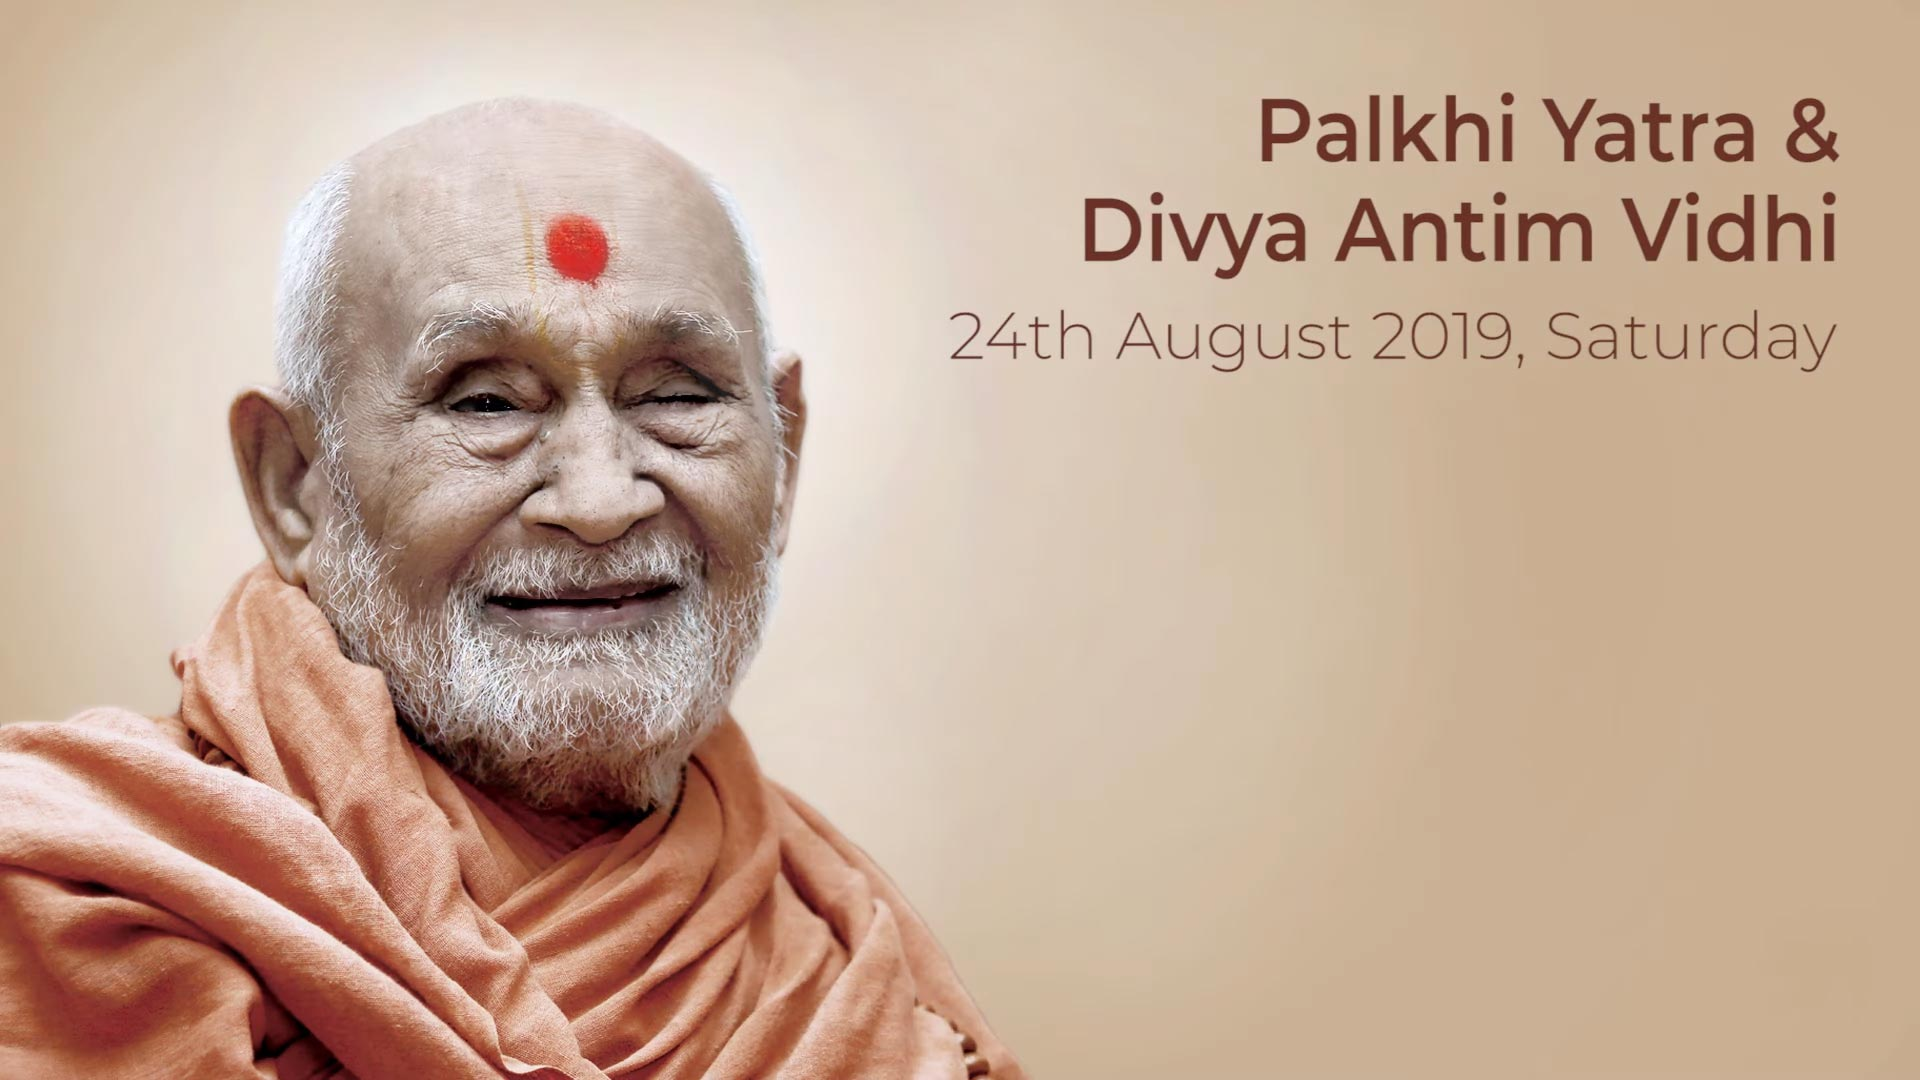 HDH Bapji Palkhi Yatra & Divya Antim Vidhi | Highlights | 24 Aug, 2019